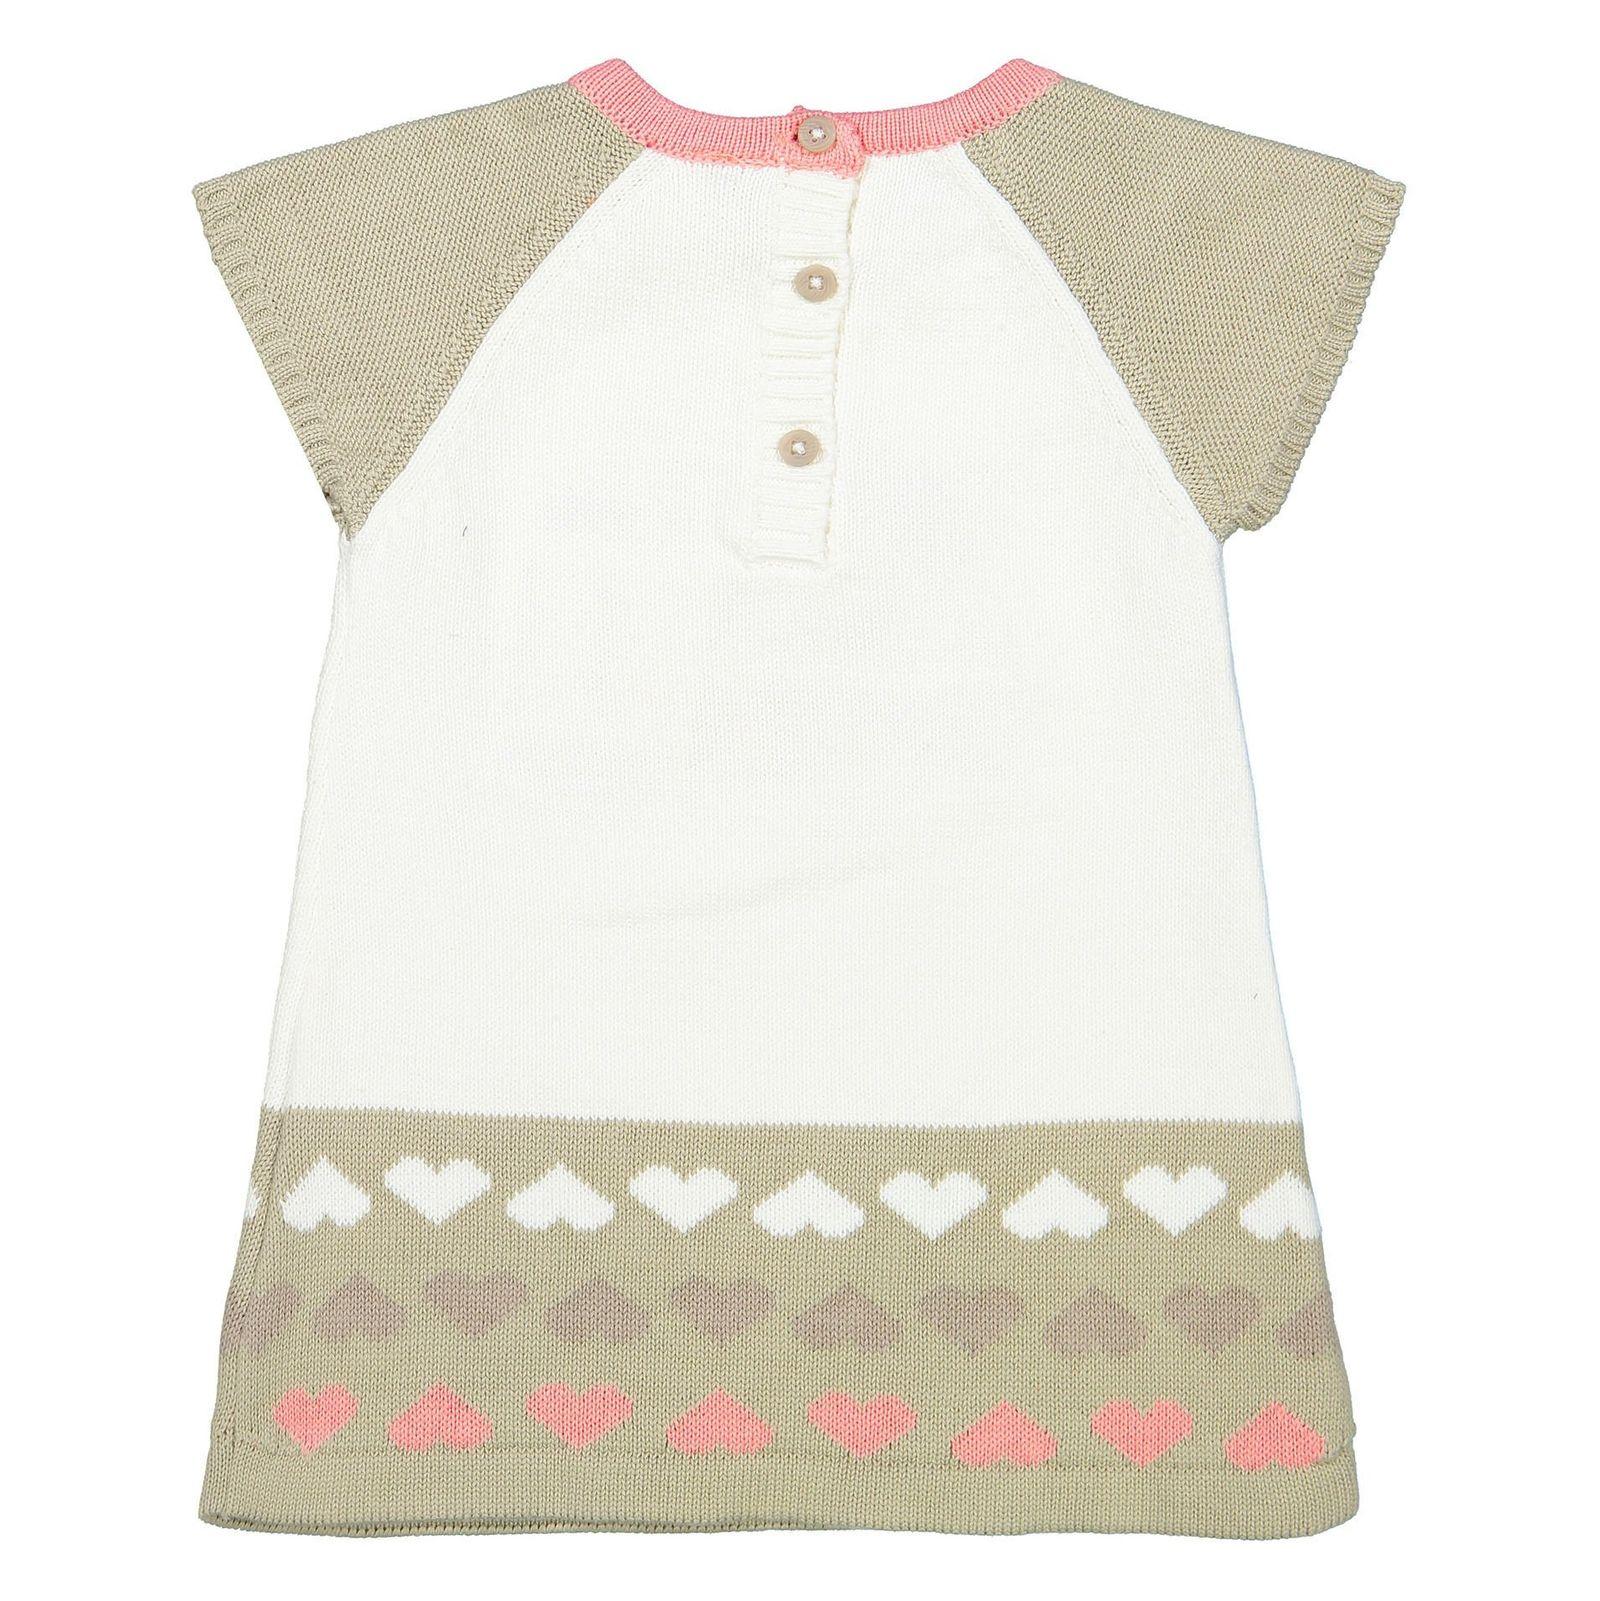 پیراهن بافت آستین کوتاه نوزادی دخترانه - ارکسترا - سفيد - 2